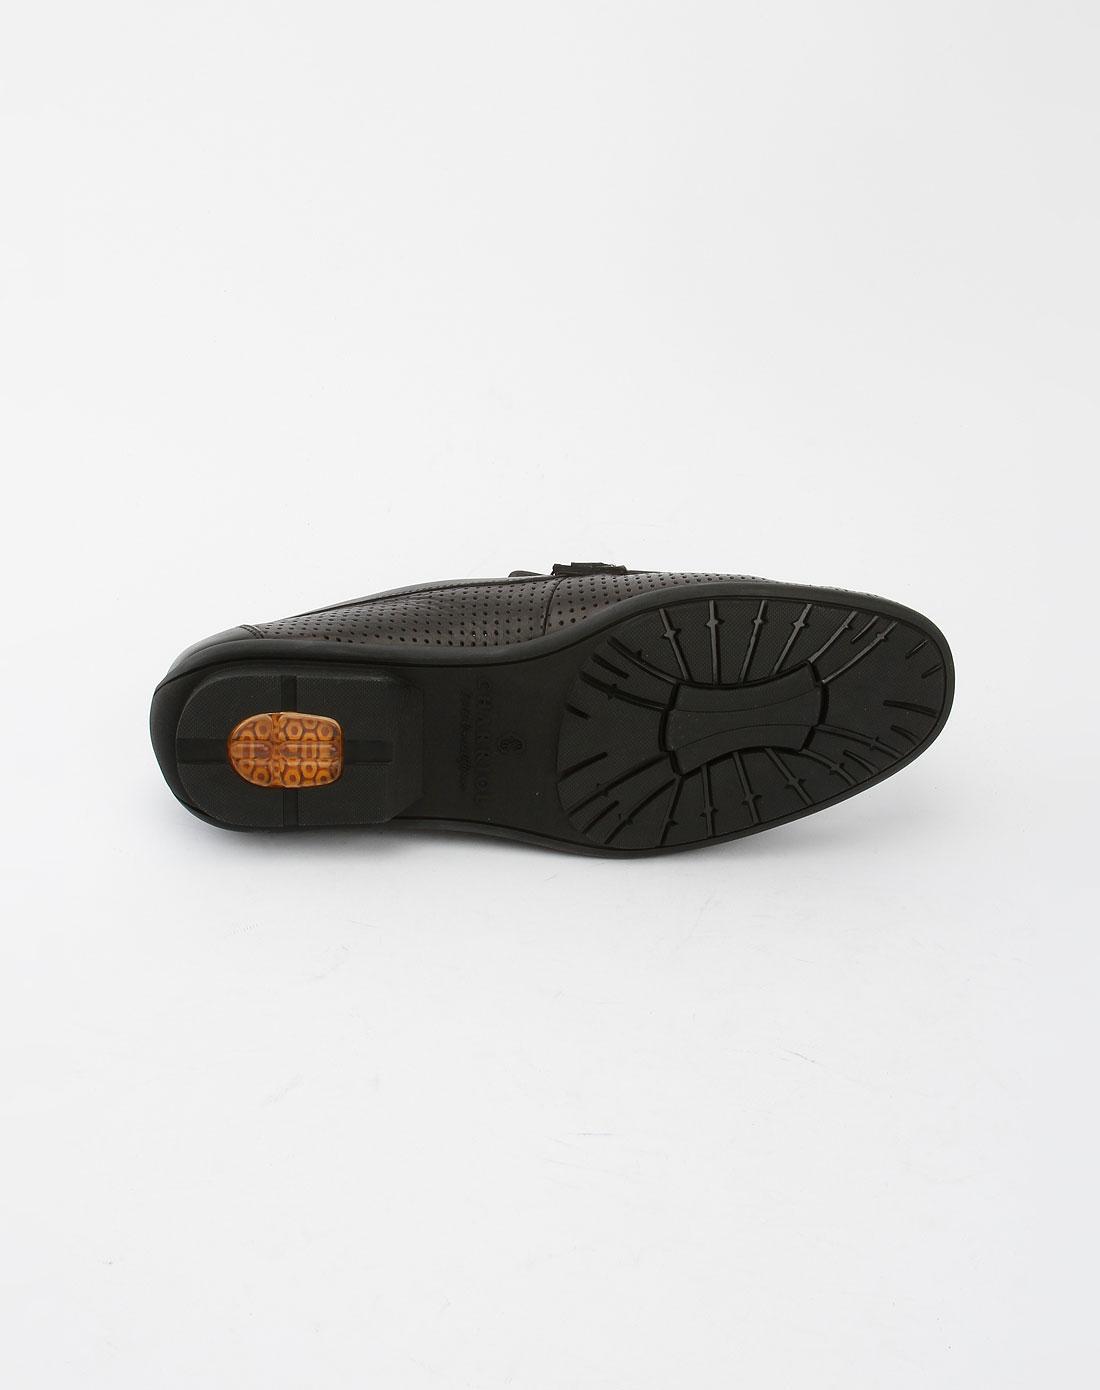 夏利豪charriol男款黑色时尚穿孔皮鞋17223622